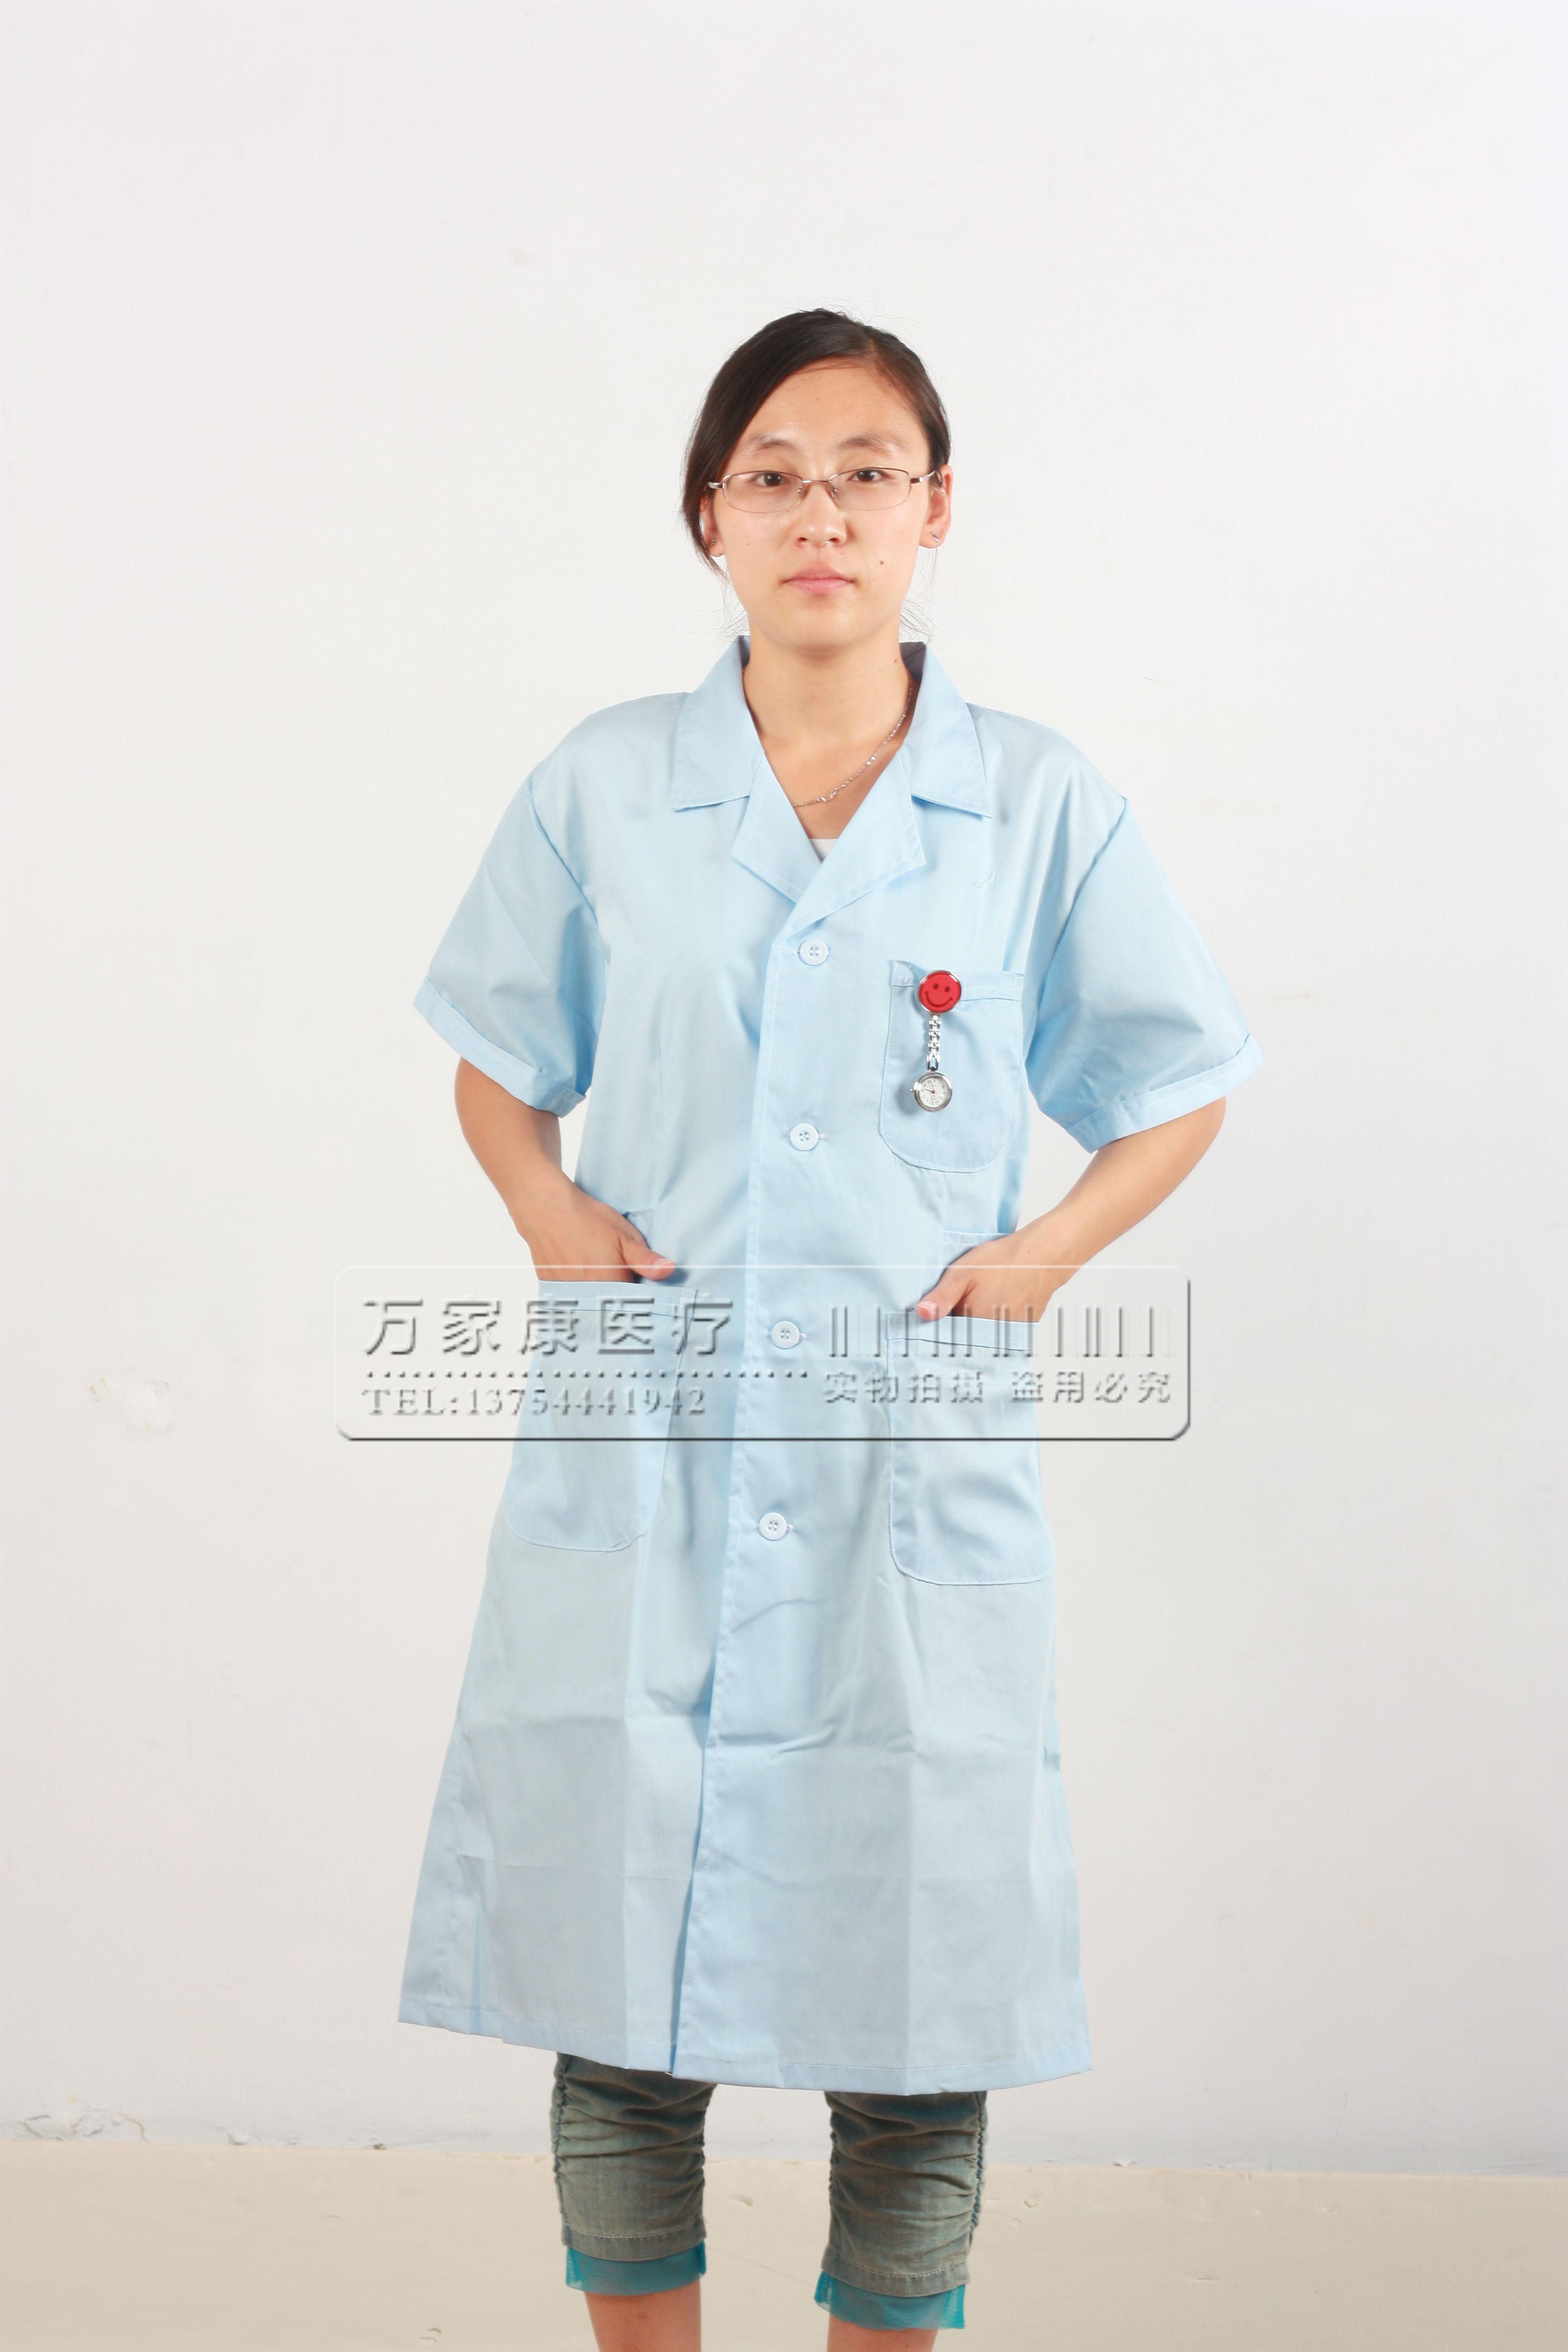 Униформа для медперсонала Летнее платье единообразных короткие локтя лаборатории пальто доктор красоты костюмы Униформа медицинский Униформа пакет почты